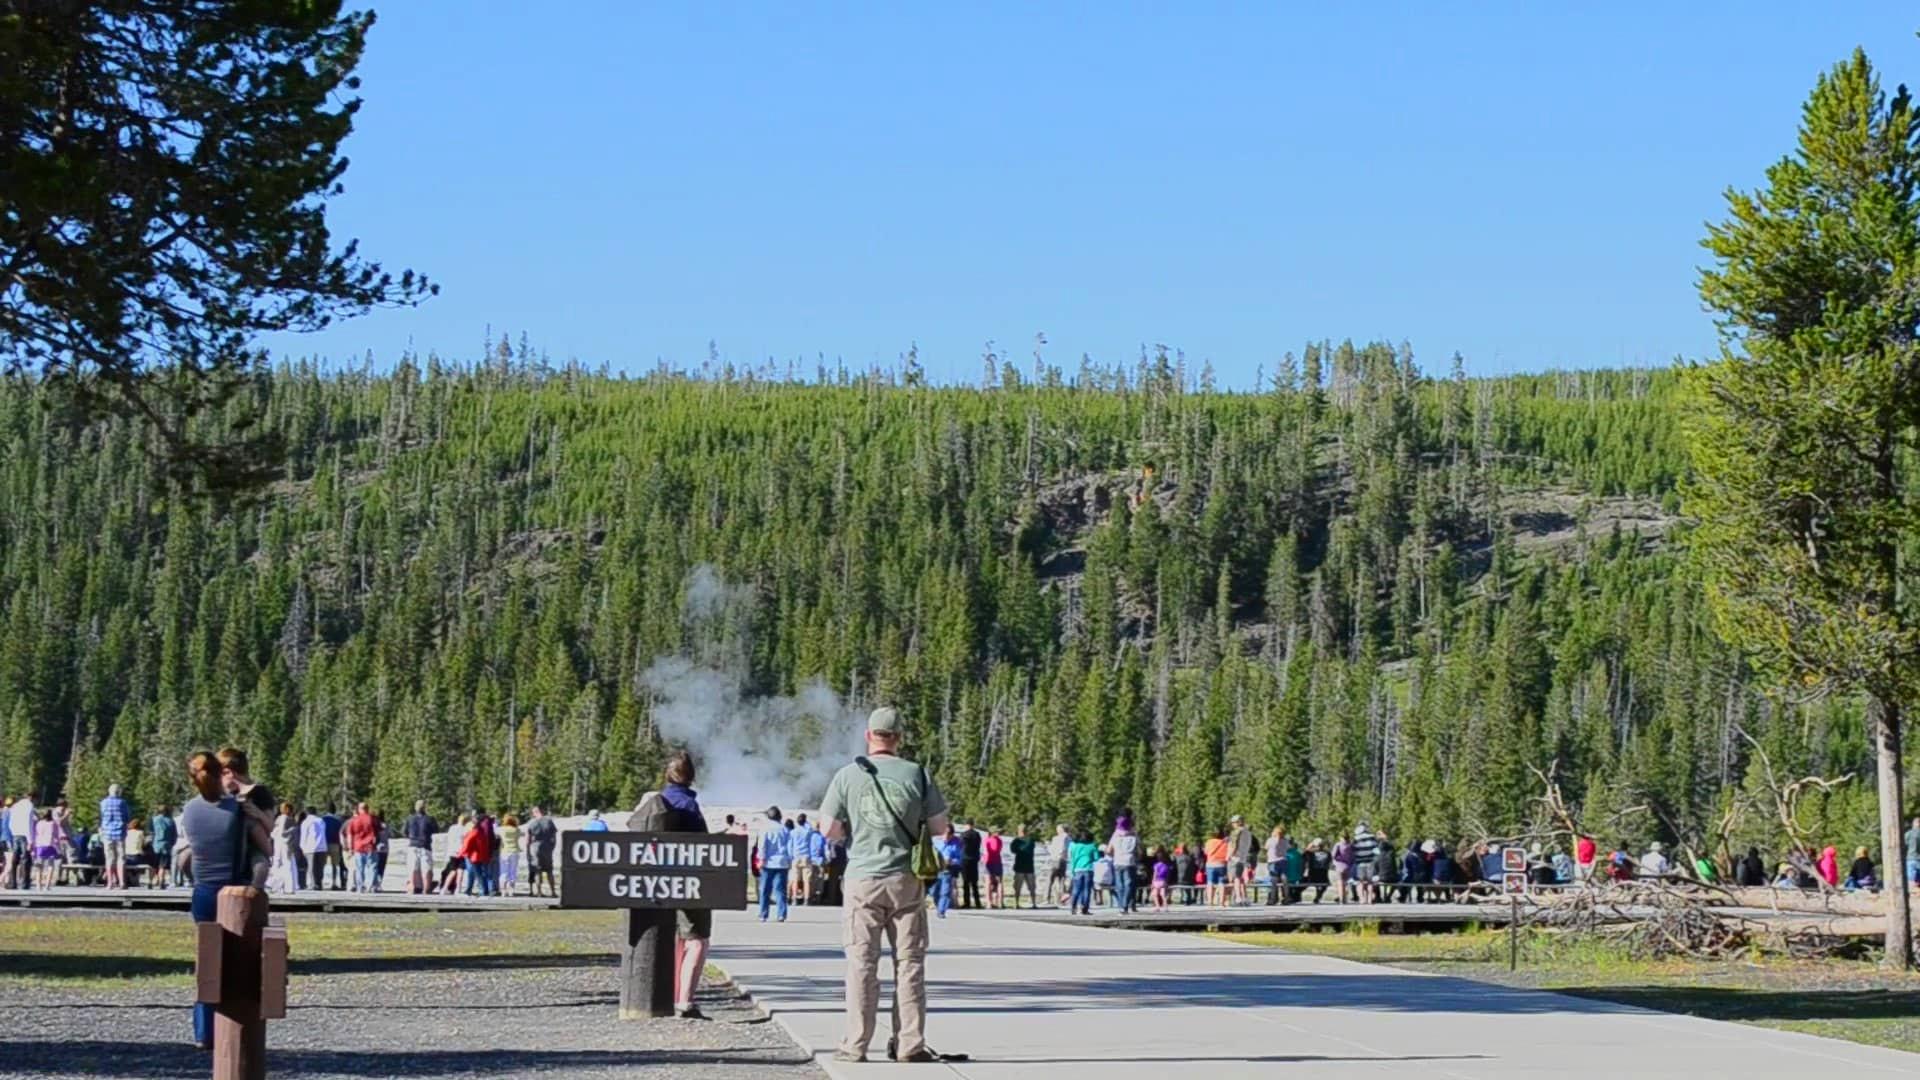 Old Faithful geyser Yellowstone.